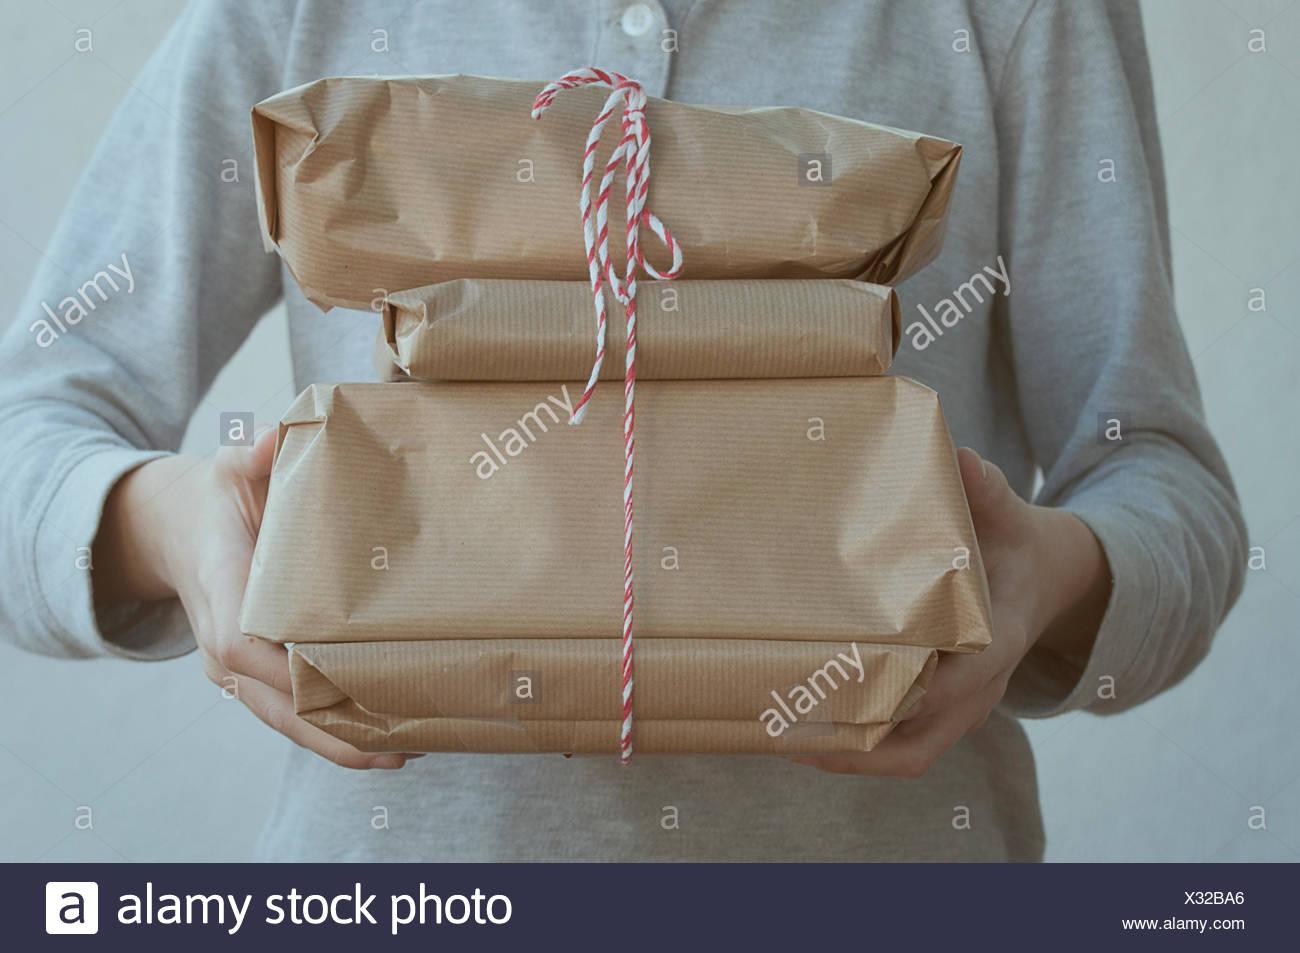 Ragazzo una catasta di regali Immagini Stock